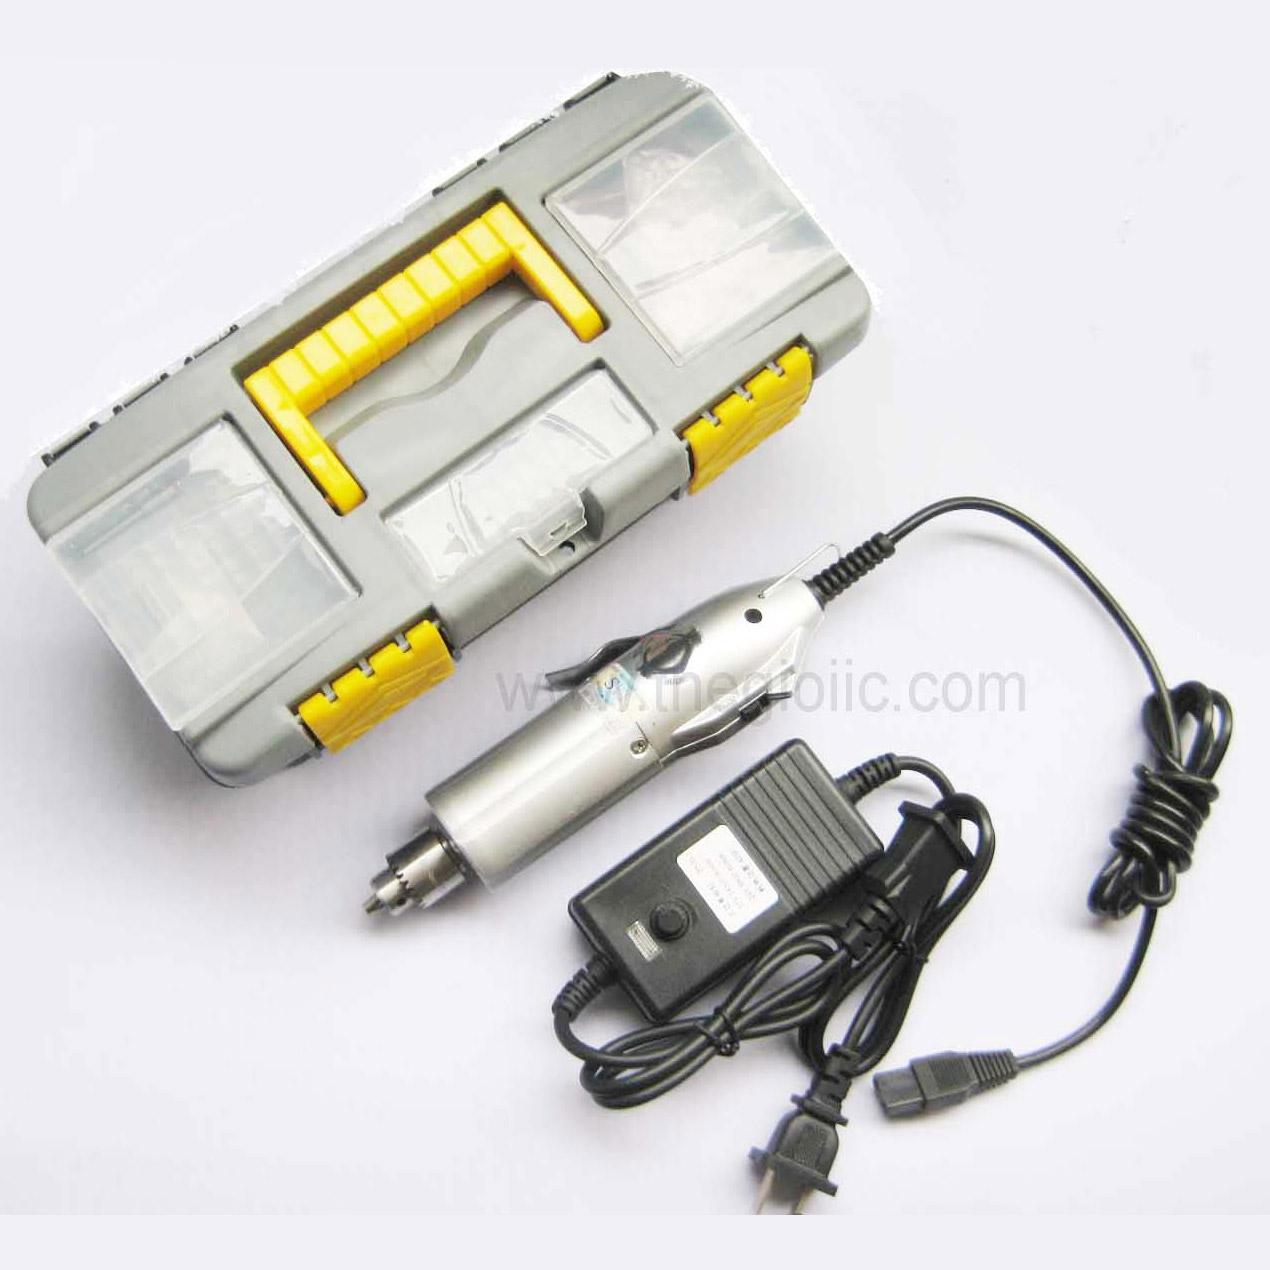 DRILL-10A Bộ Máy Khoan Cắt Đa Năng